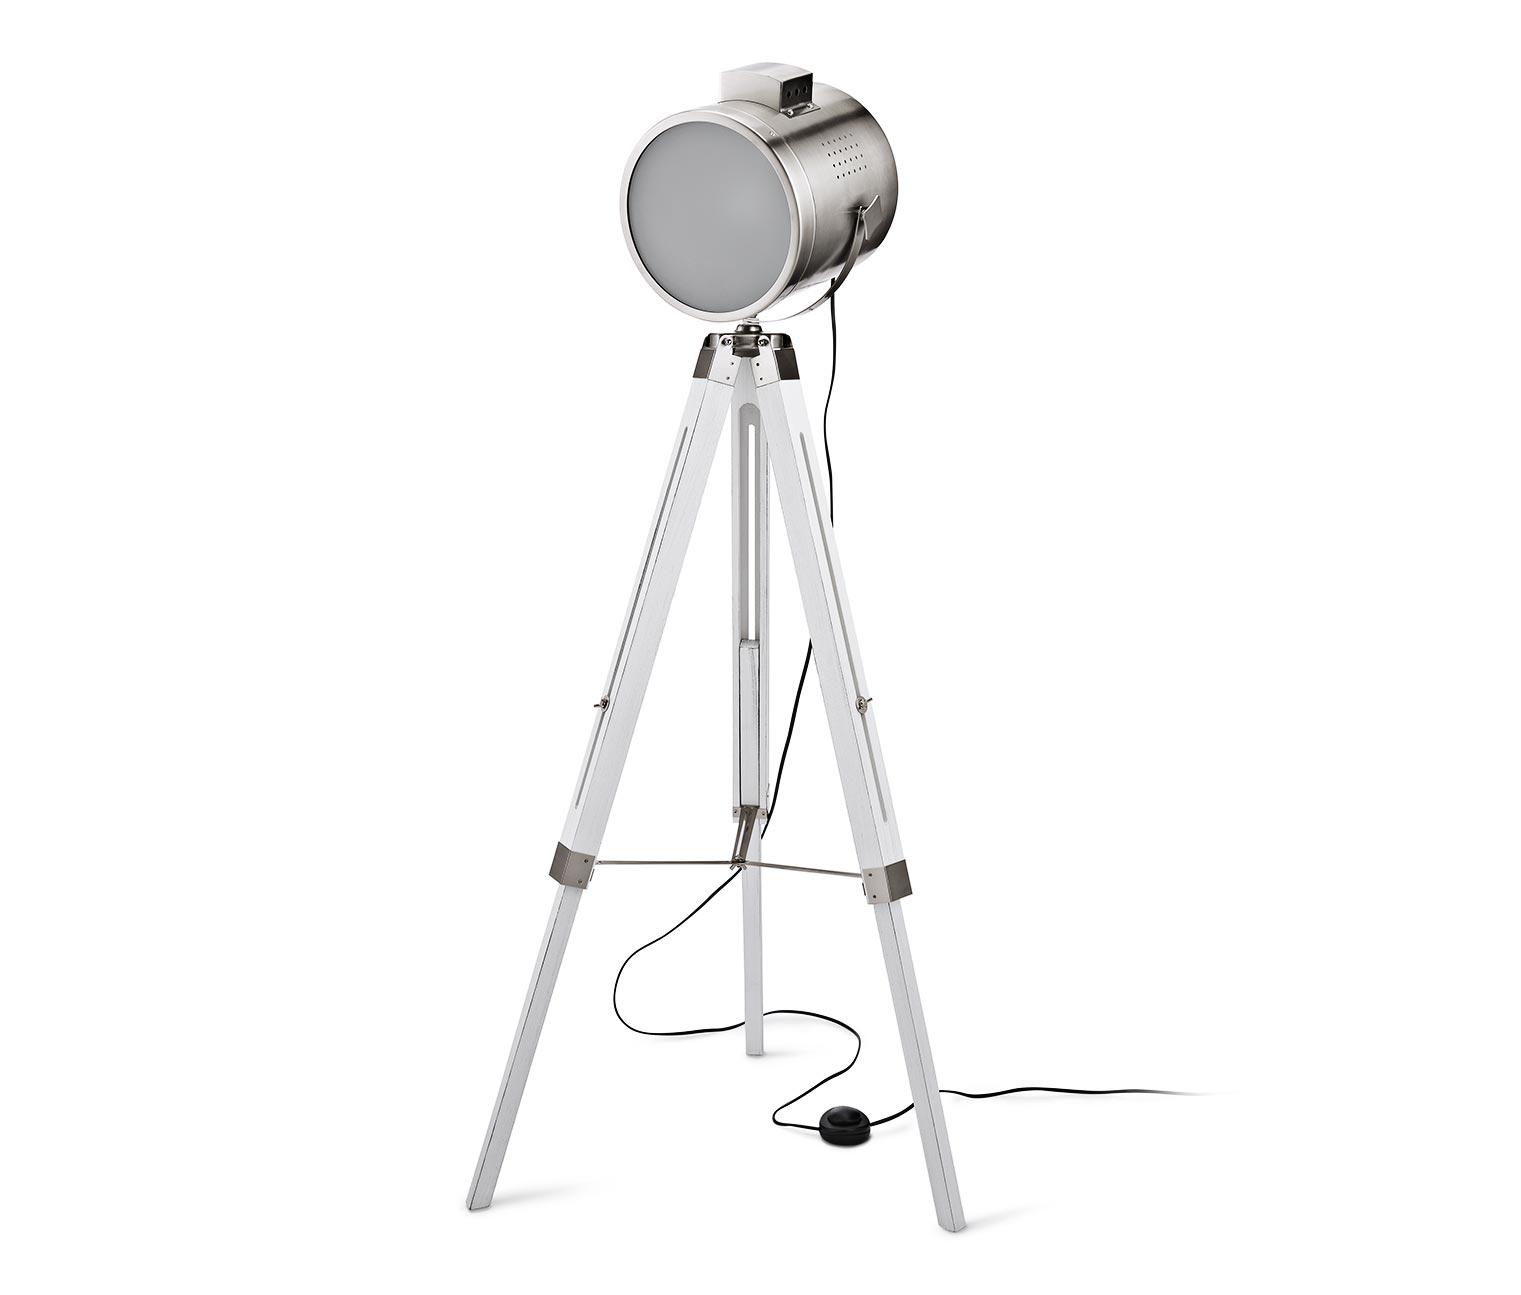 Stehleuchte Spot, LED online bestellen bei Tchibo 350901